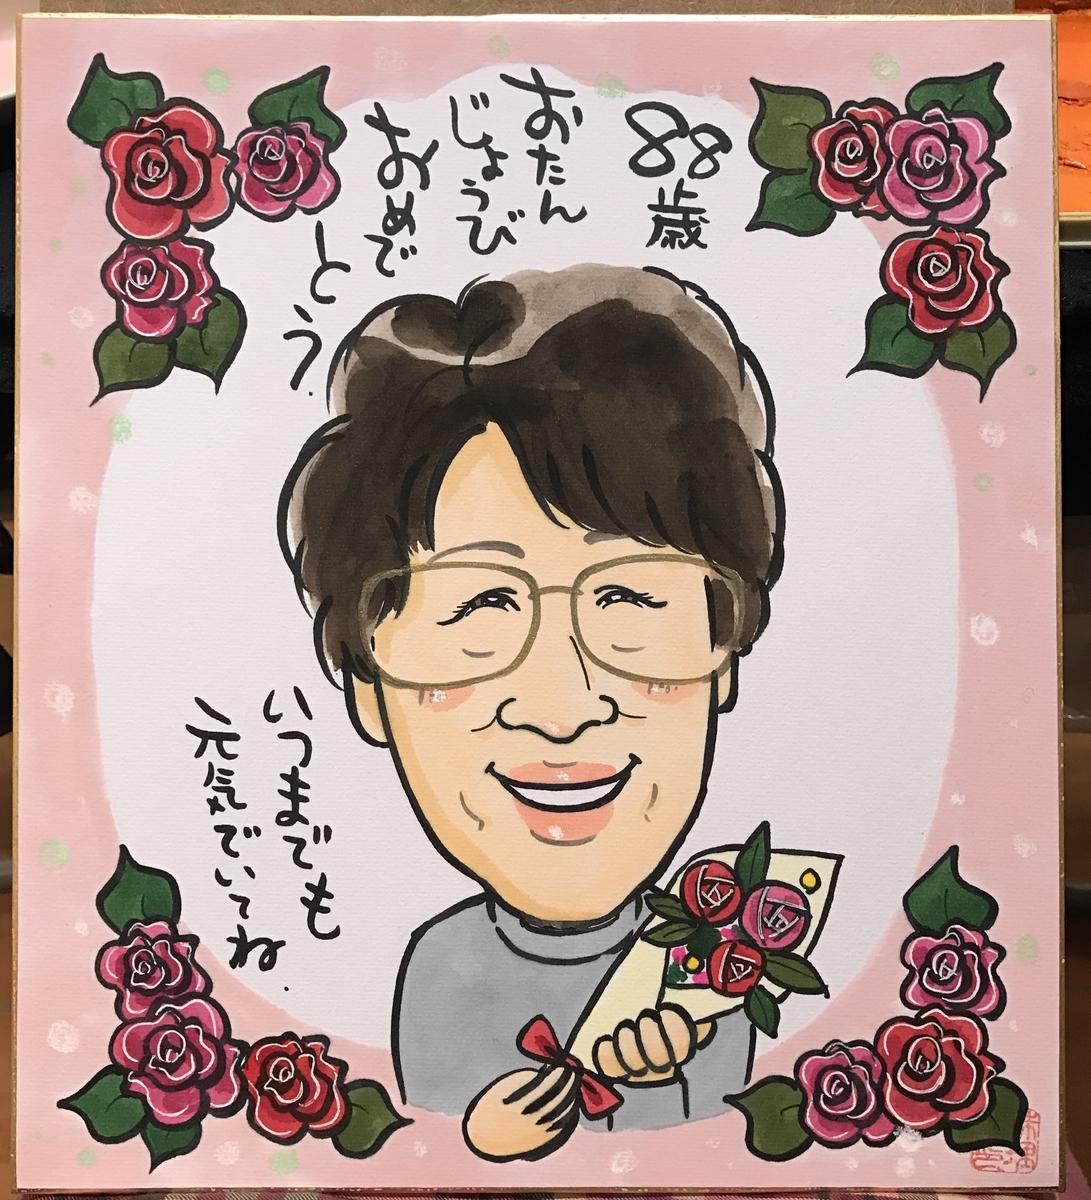 誕生日祝いの似顔絵 北海道札幌の似顔絵作家高井じゅり 似顔絵ファクトリー